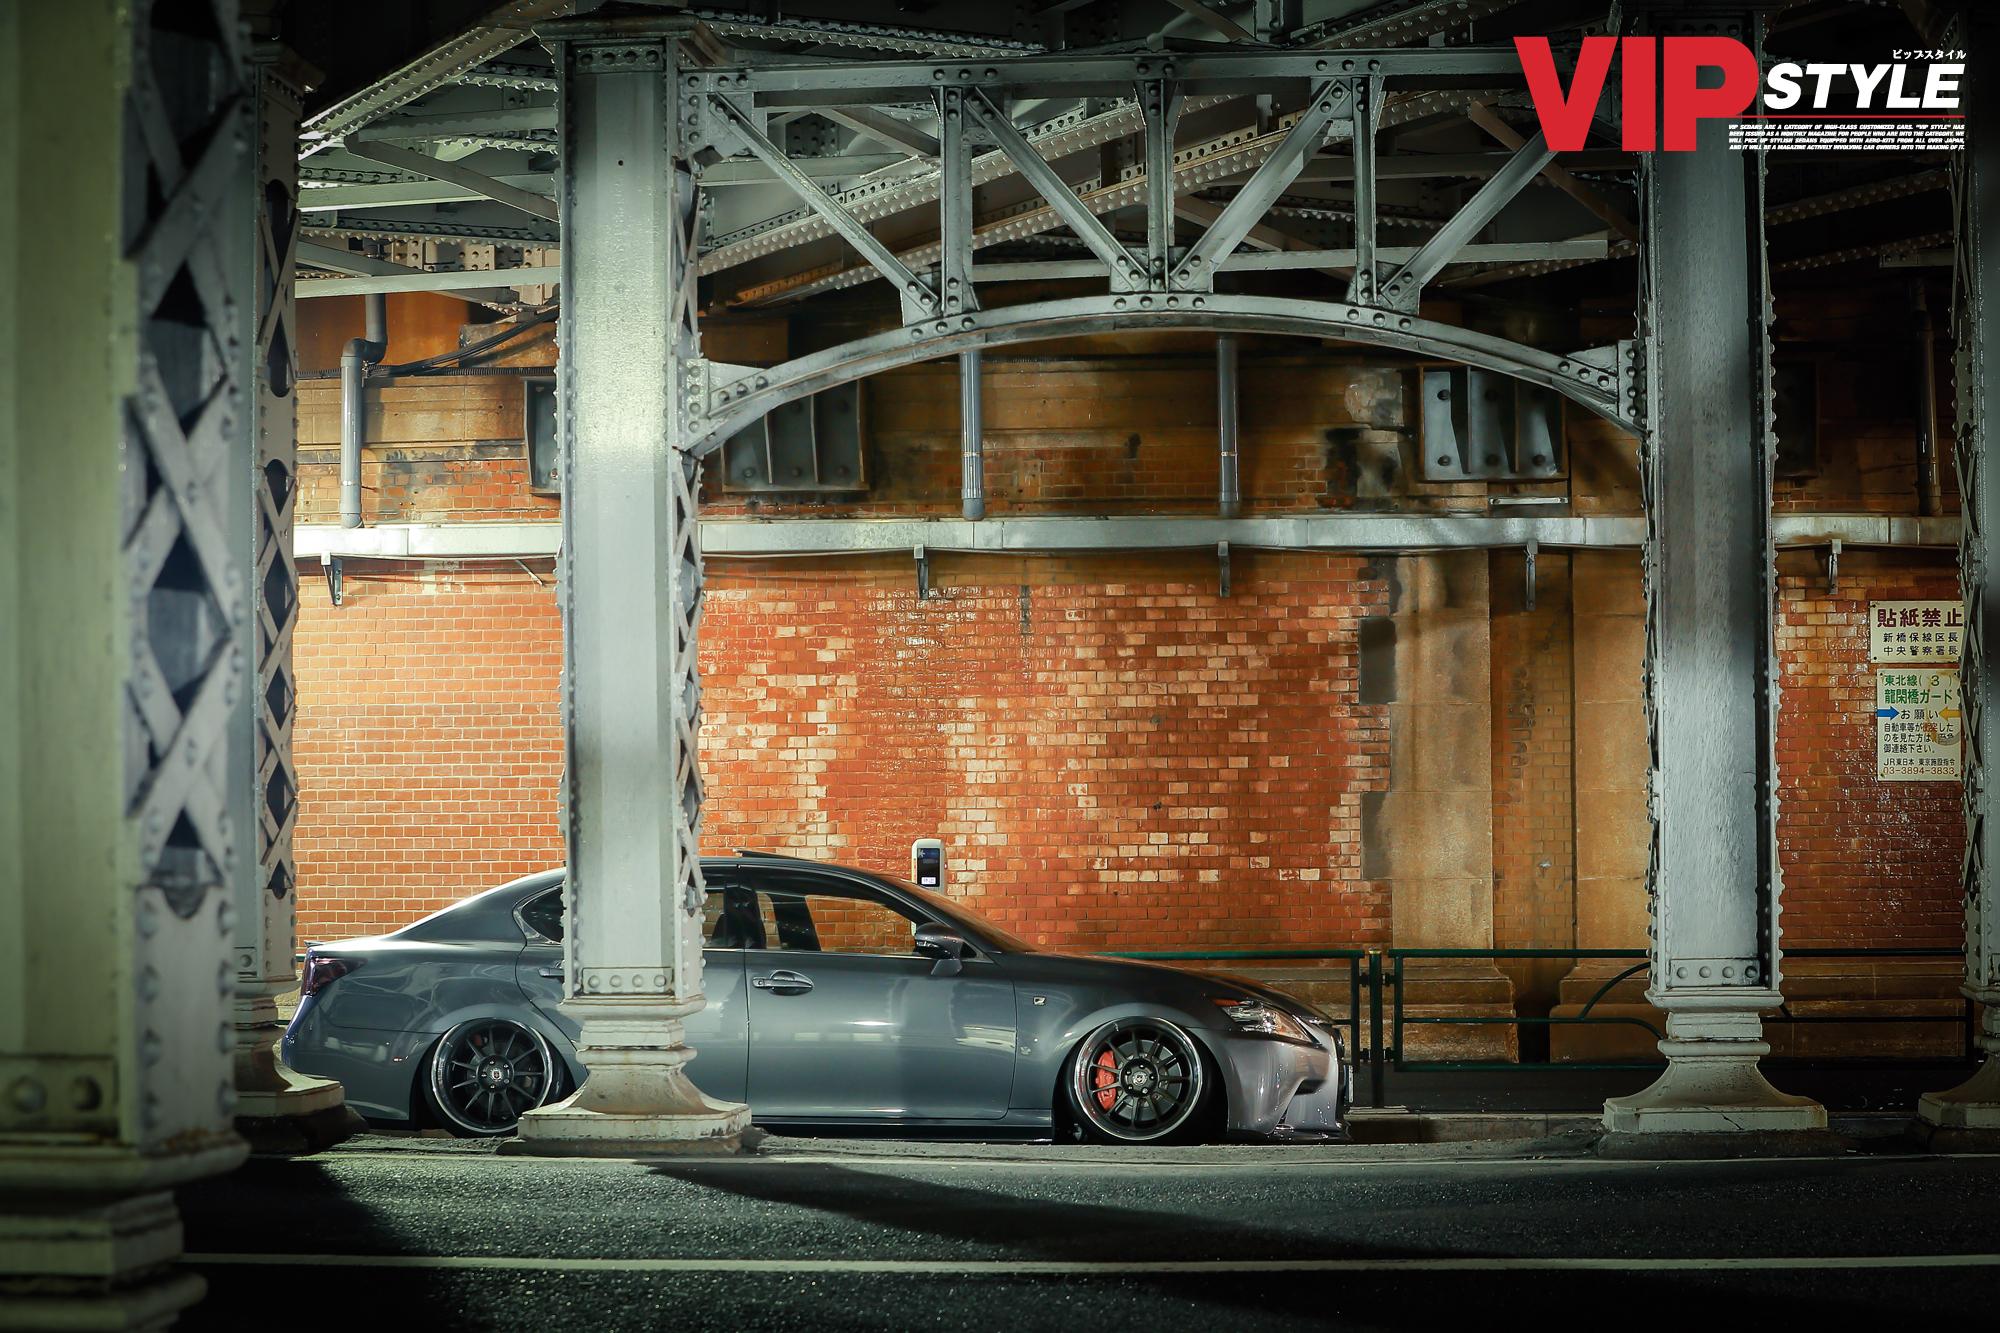 US VIP